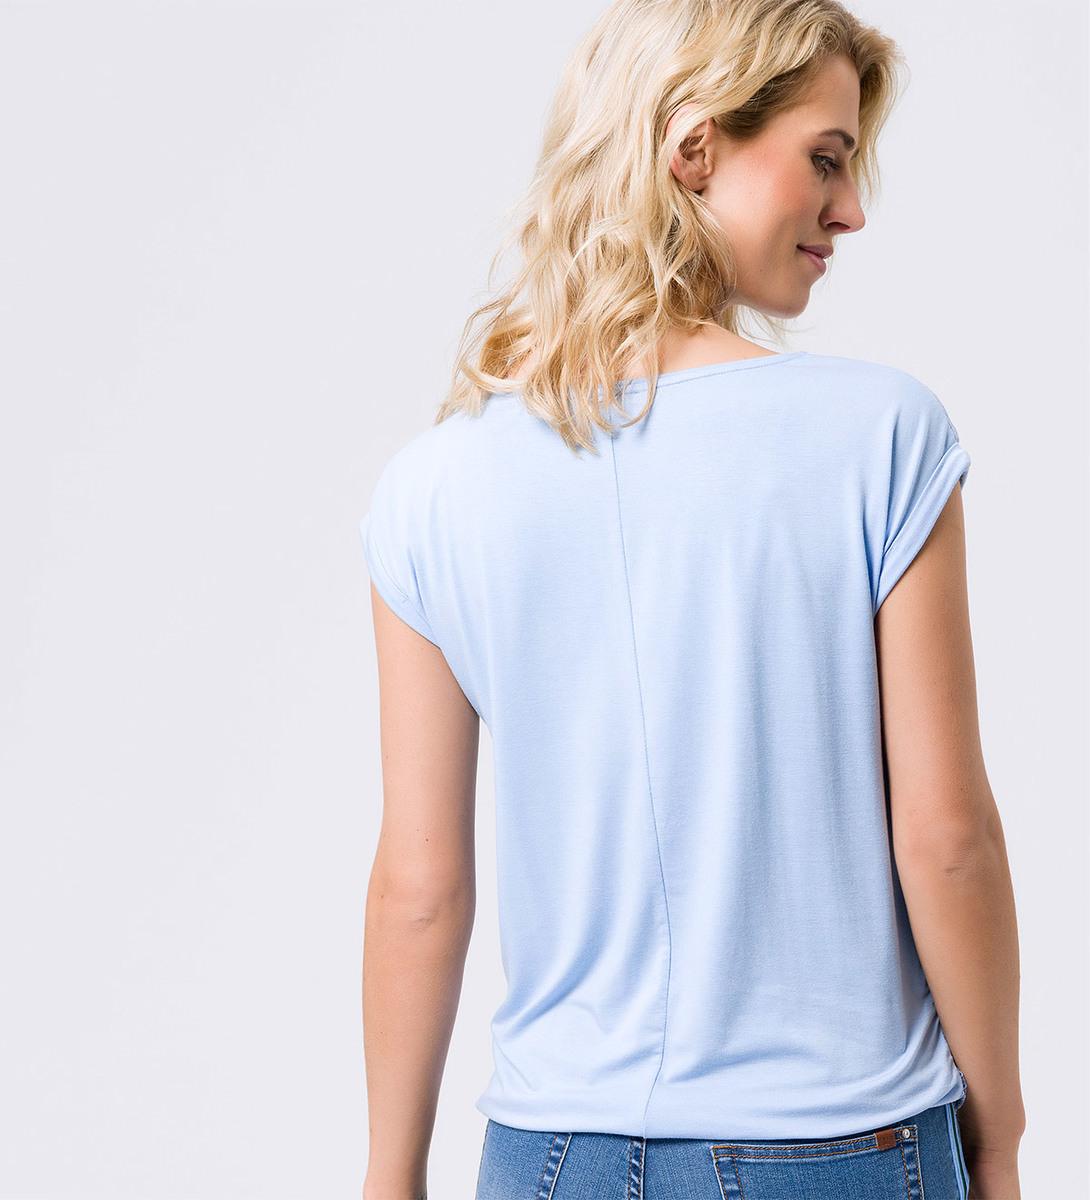 Shirt mit Spitzendesign in horizon blue